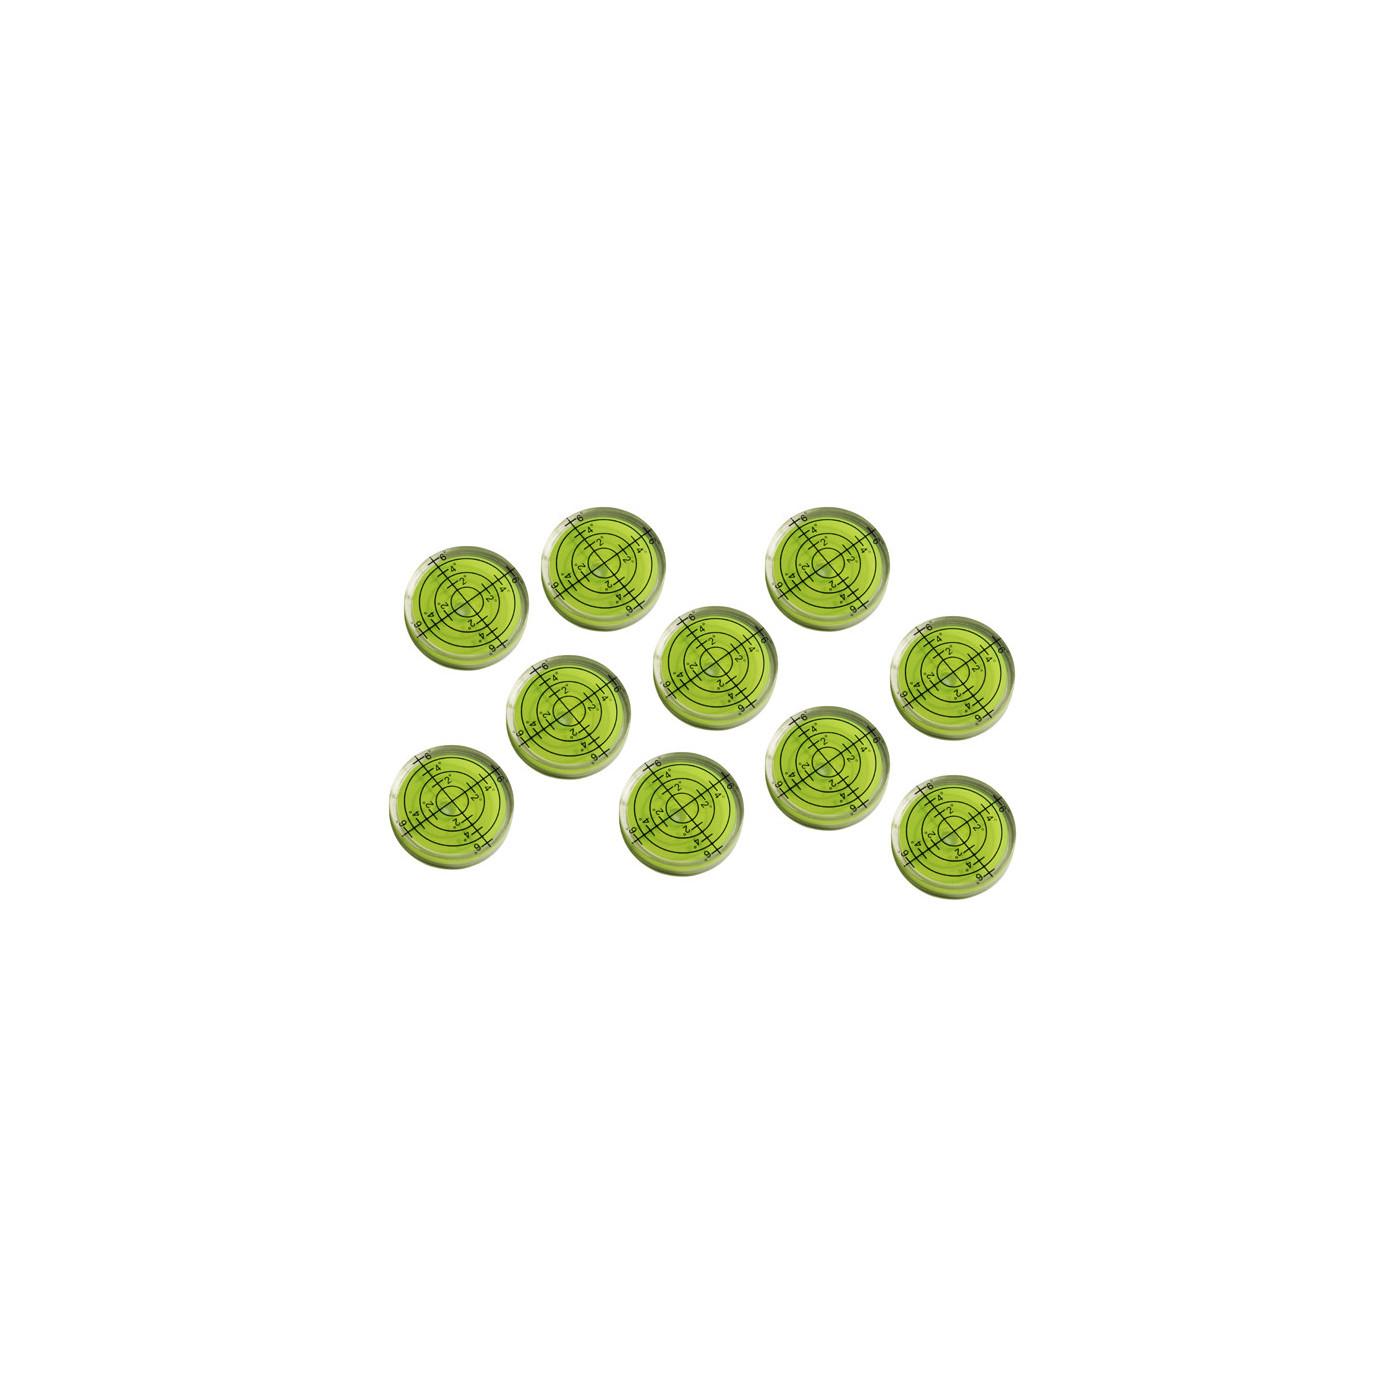 Zestaw 10 fiolek poziomych (32x7 mm, zielony)